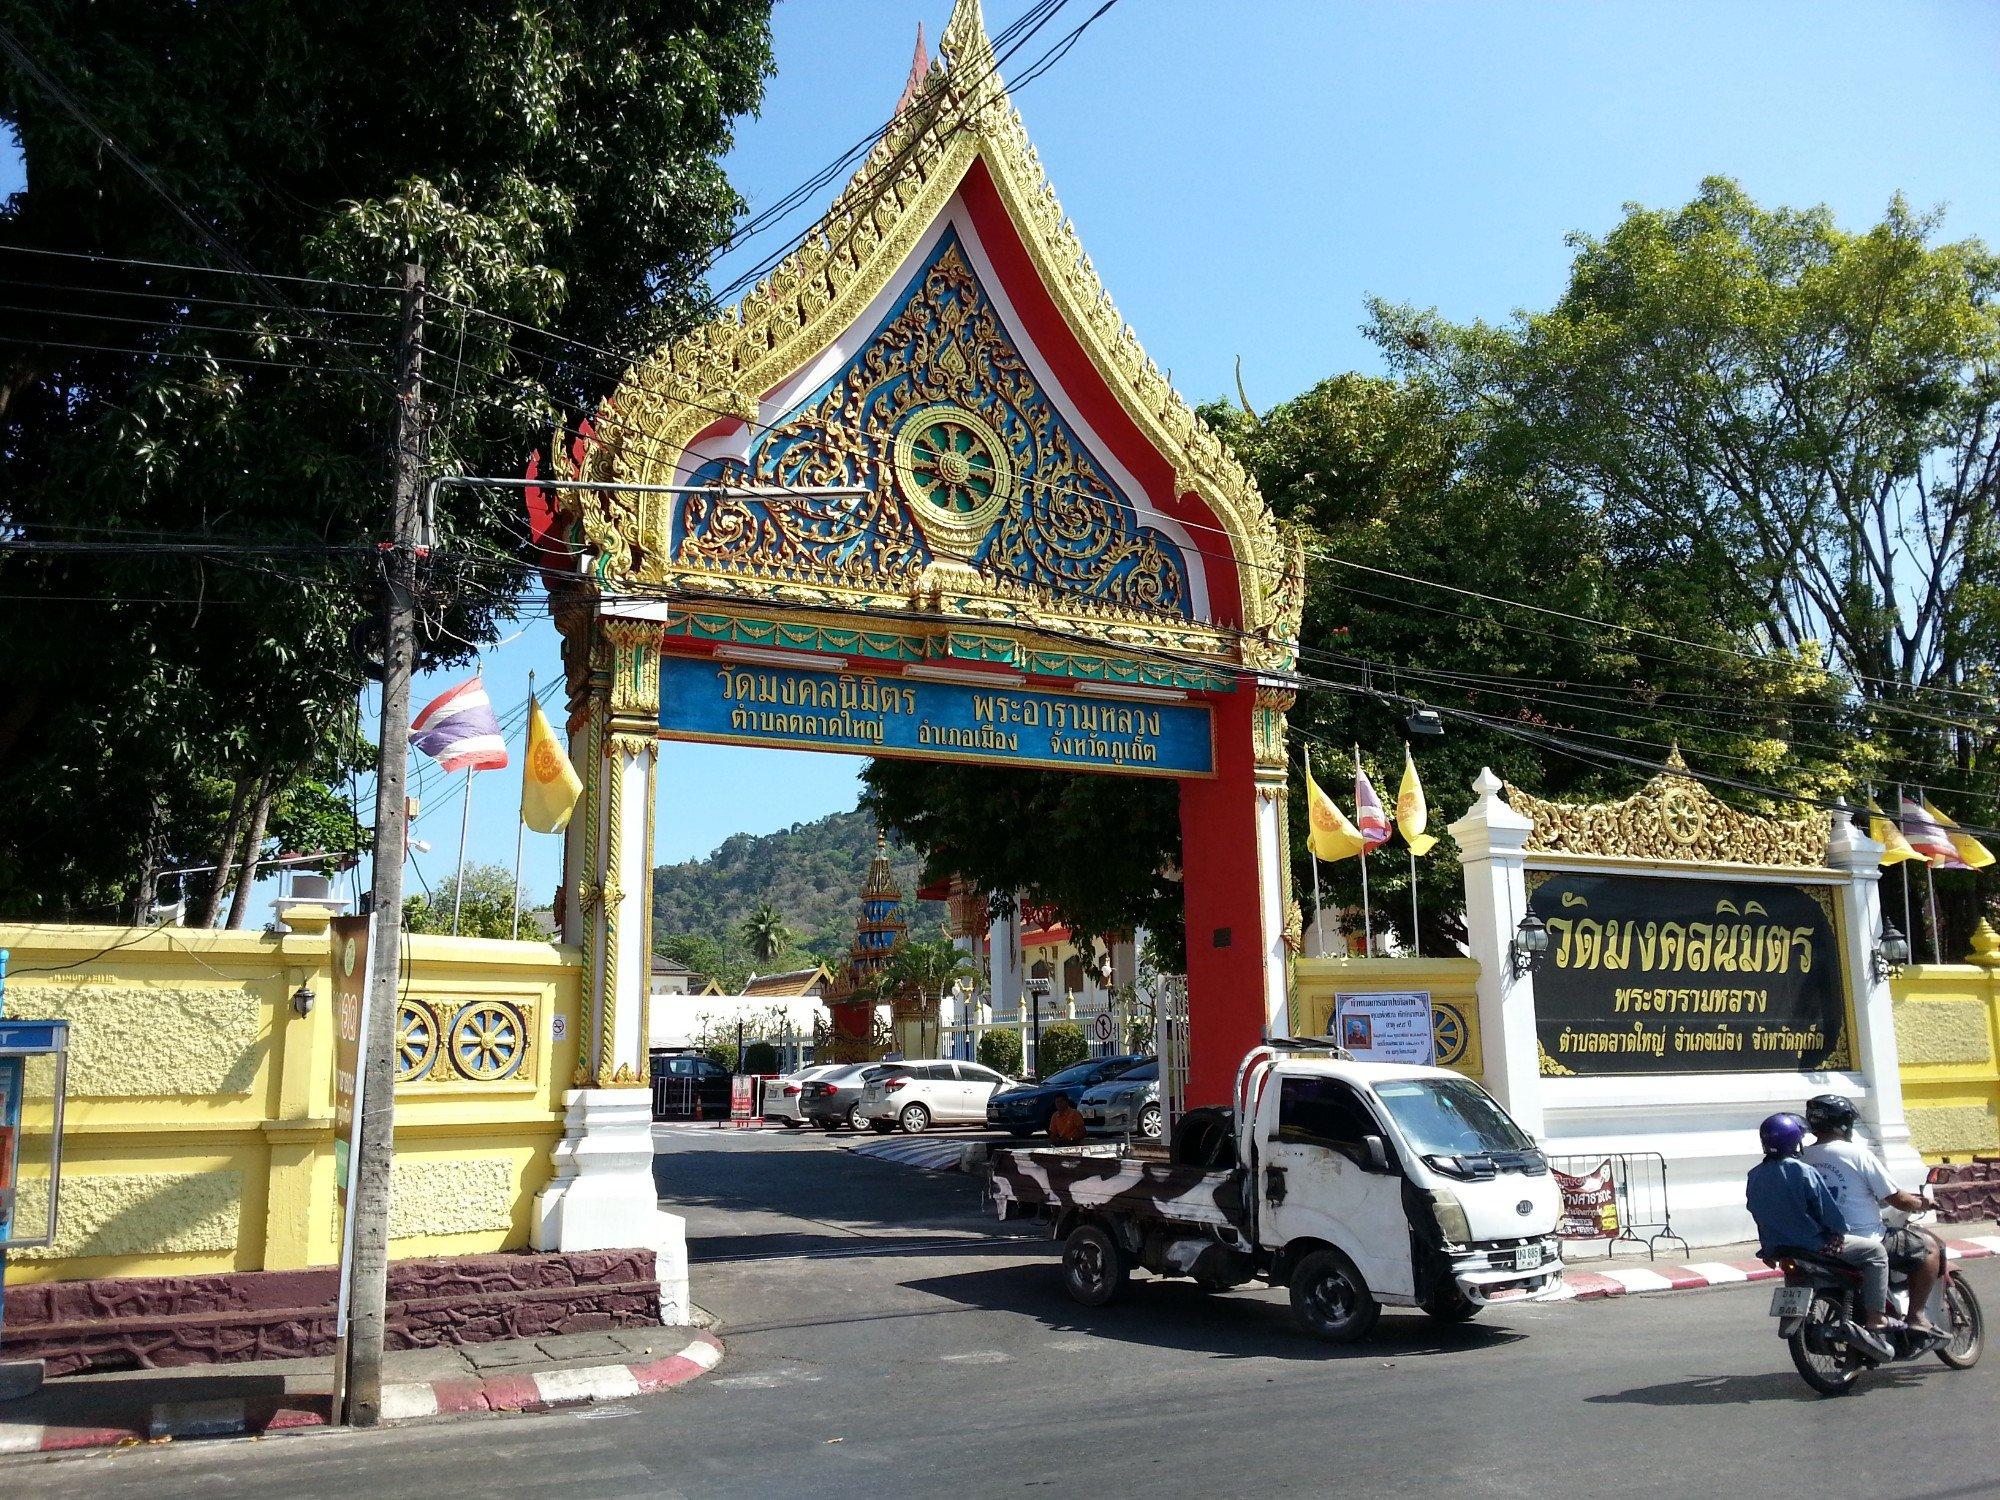 Entrance to Wat Mongkol Nimit